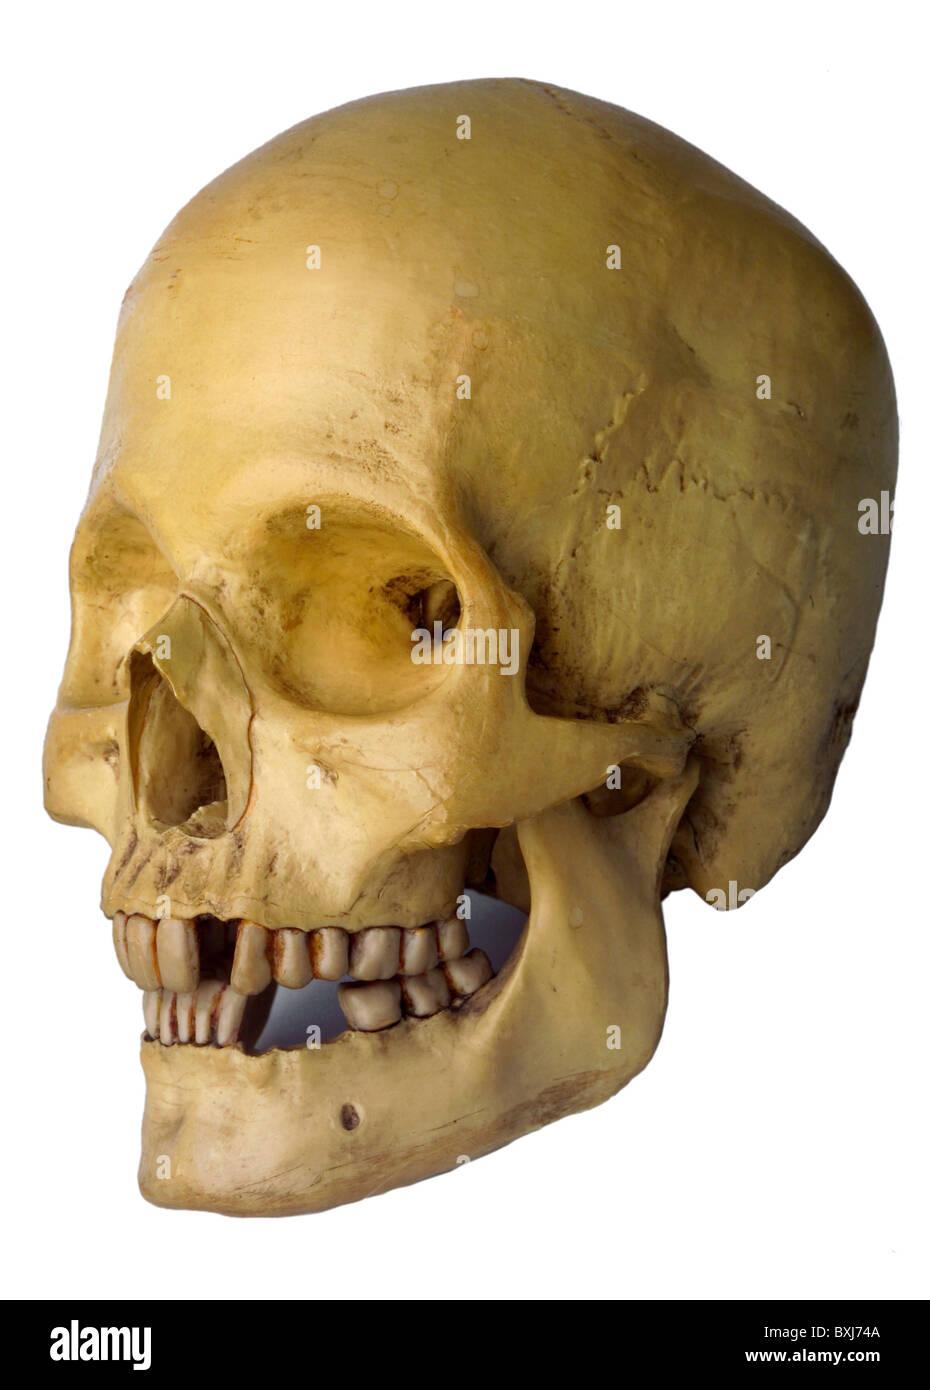 La medicina, la anatomía, la calavera humana natural, ejemplo ...